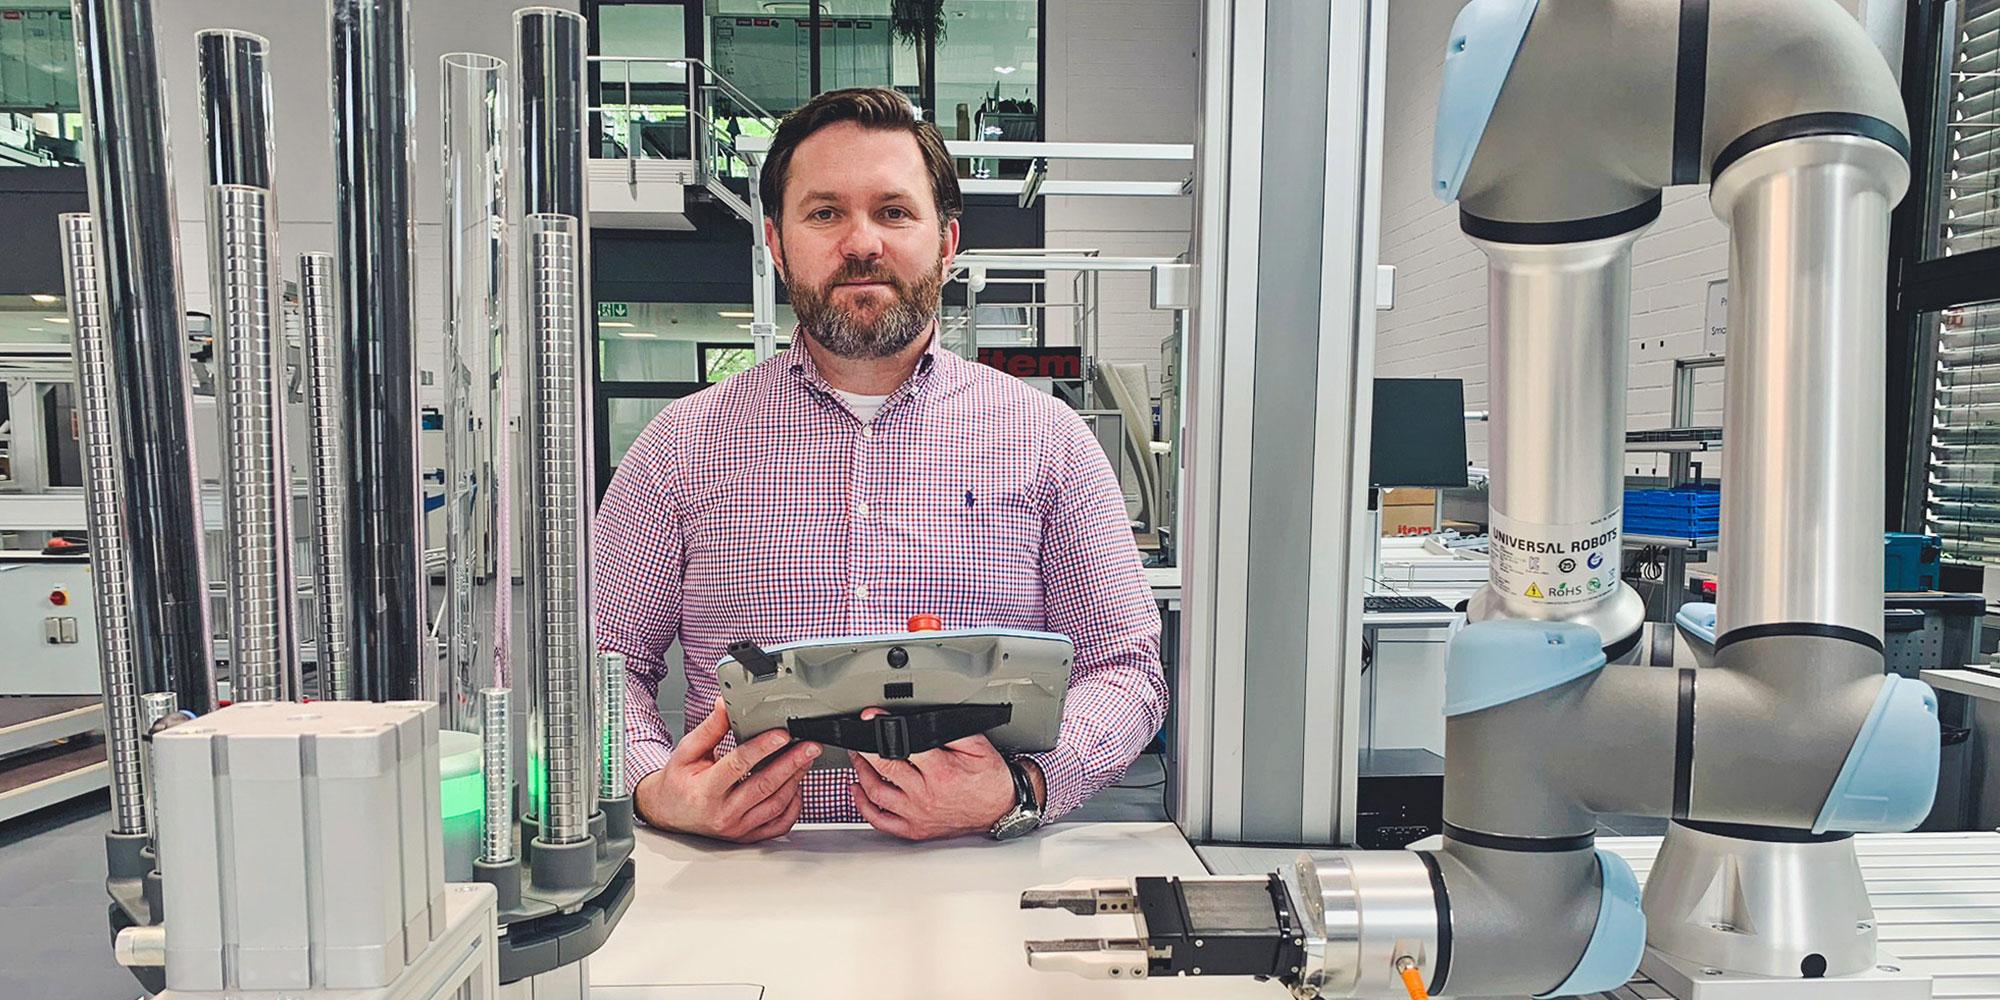 Alt-Texte: Mensch-Roboter-Kollaboration: Vorteile von Cobots in der Industrie